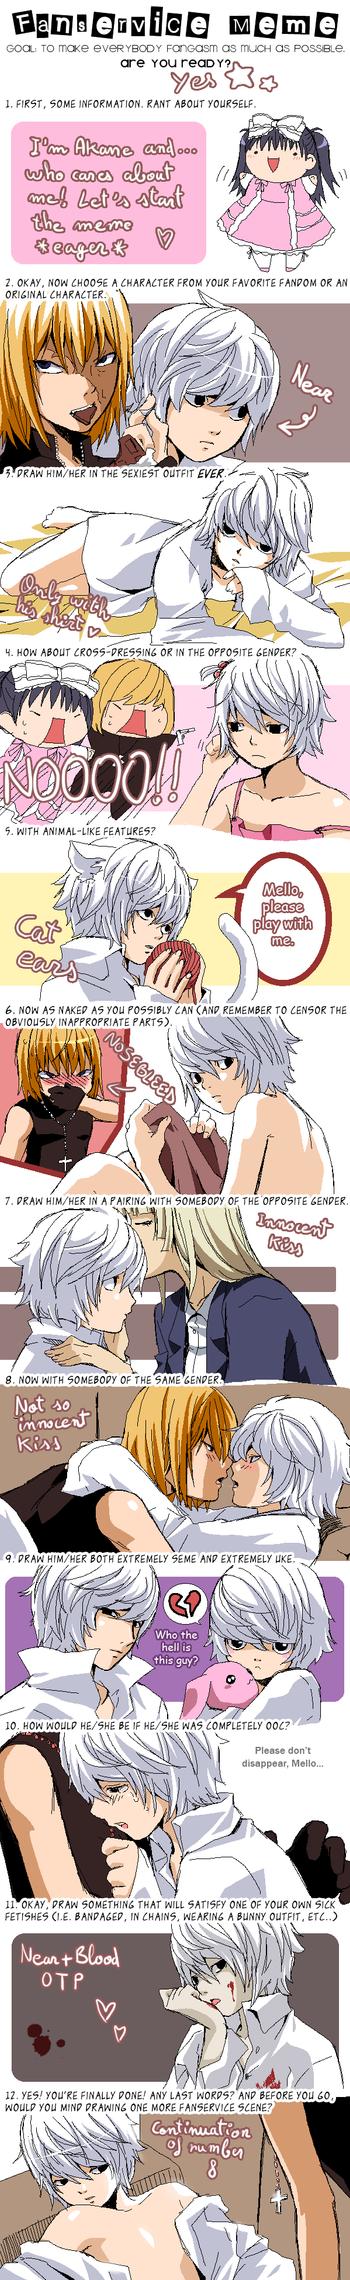 Fanservice Art Meme by KurosakiAkane